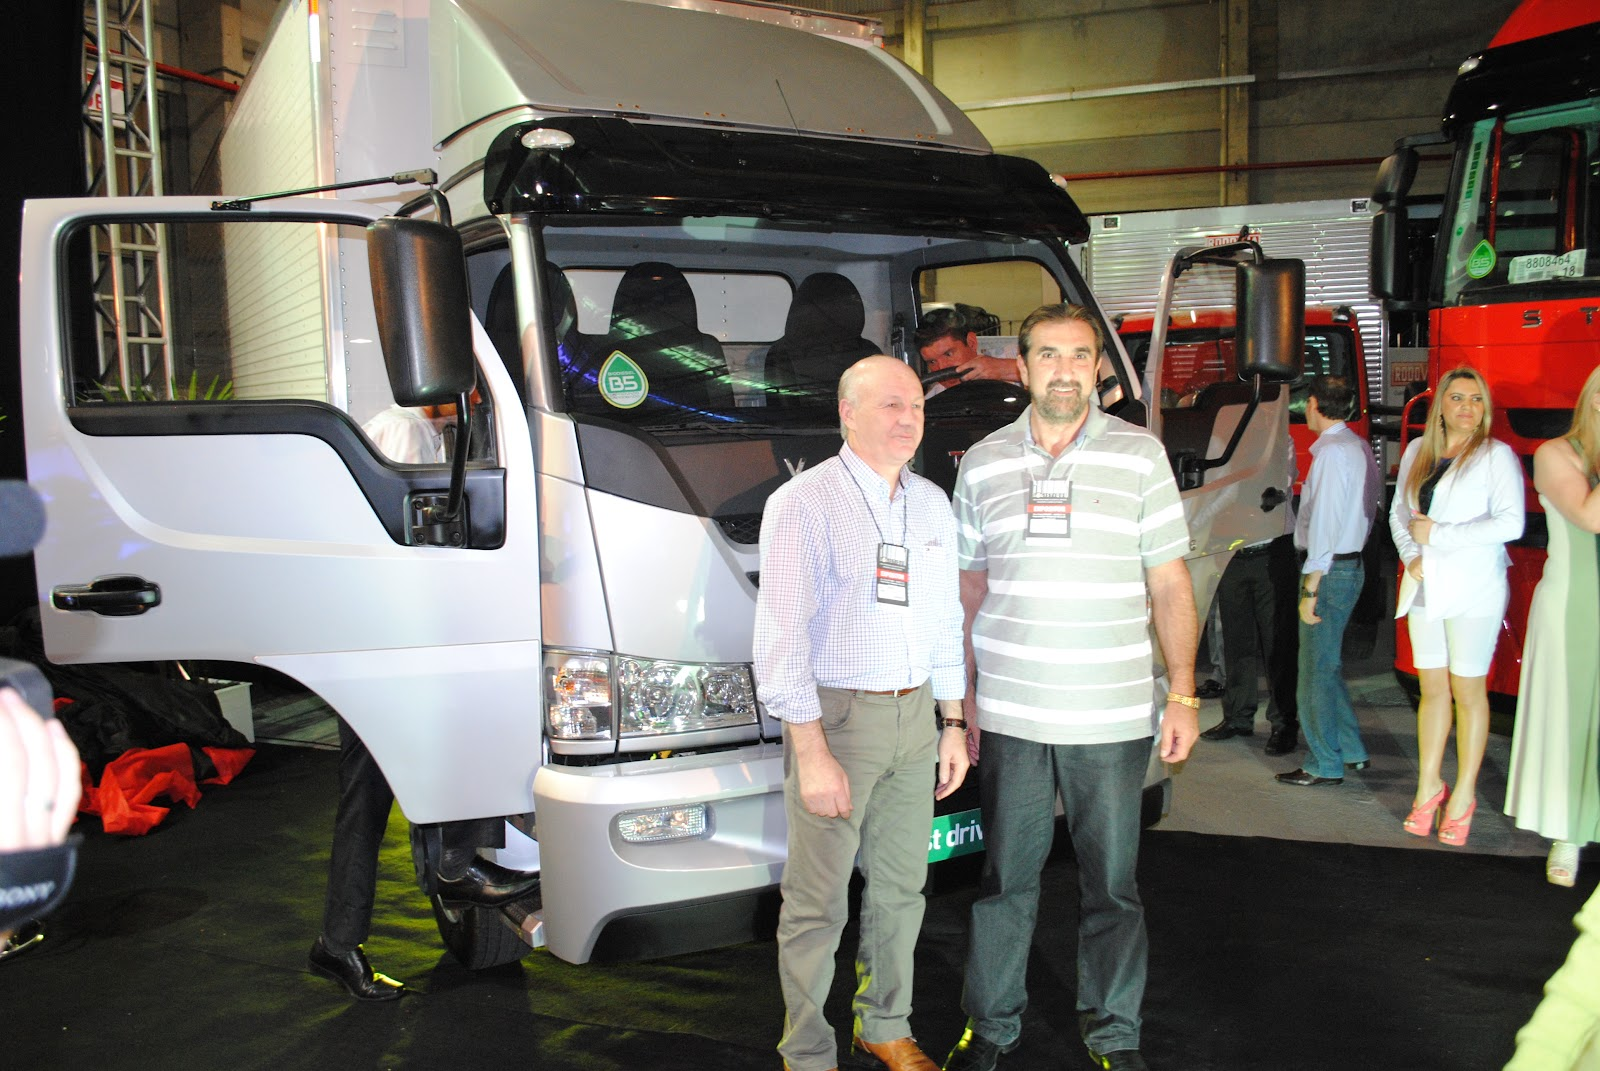 LOGISTIQUE - Feira gera visibilidade e alavanca negócios para a Carboni Iveco DSC 1312